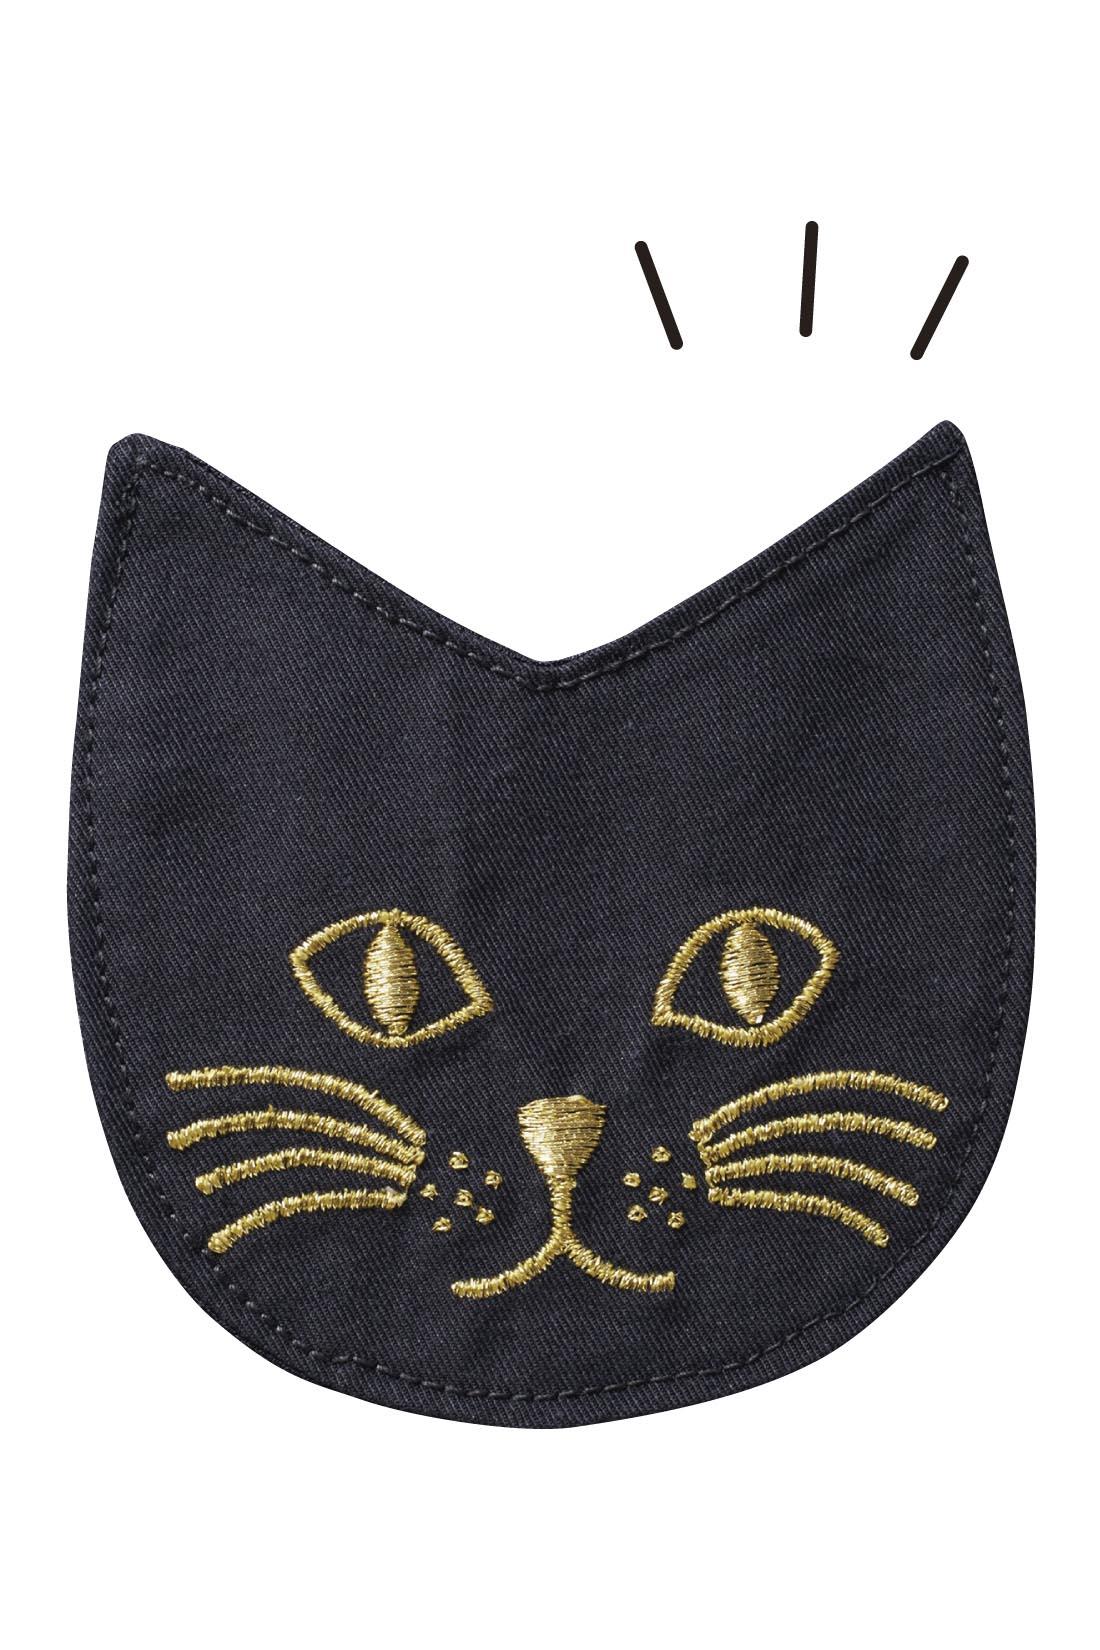 胸もとの猫は、布はくにゴールドの刺繍で大人っぽくおしゃれな印象。